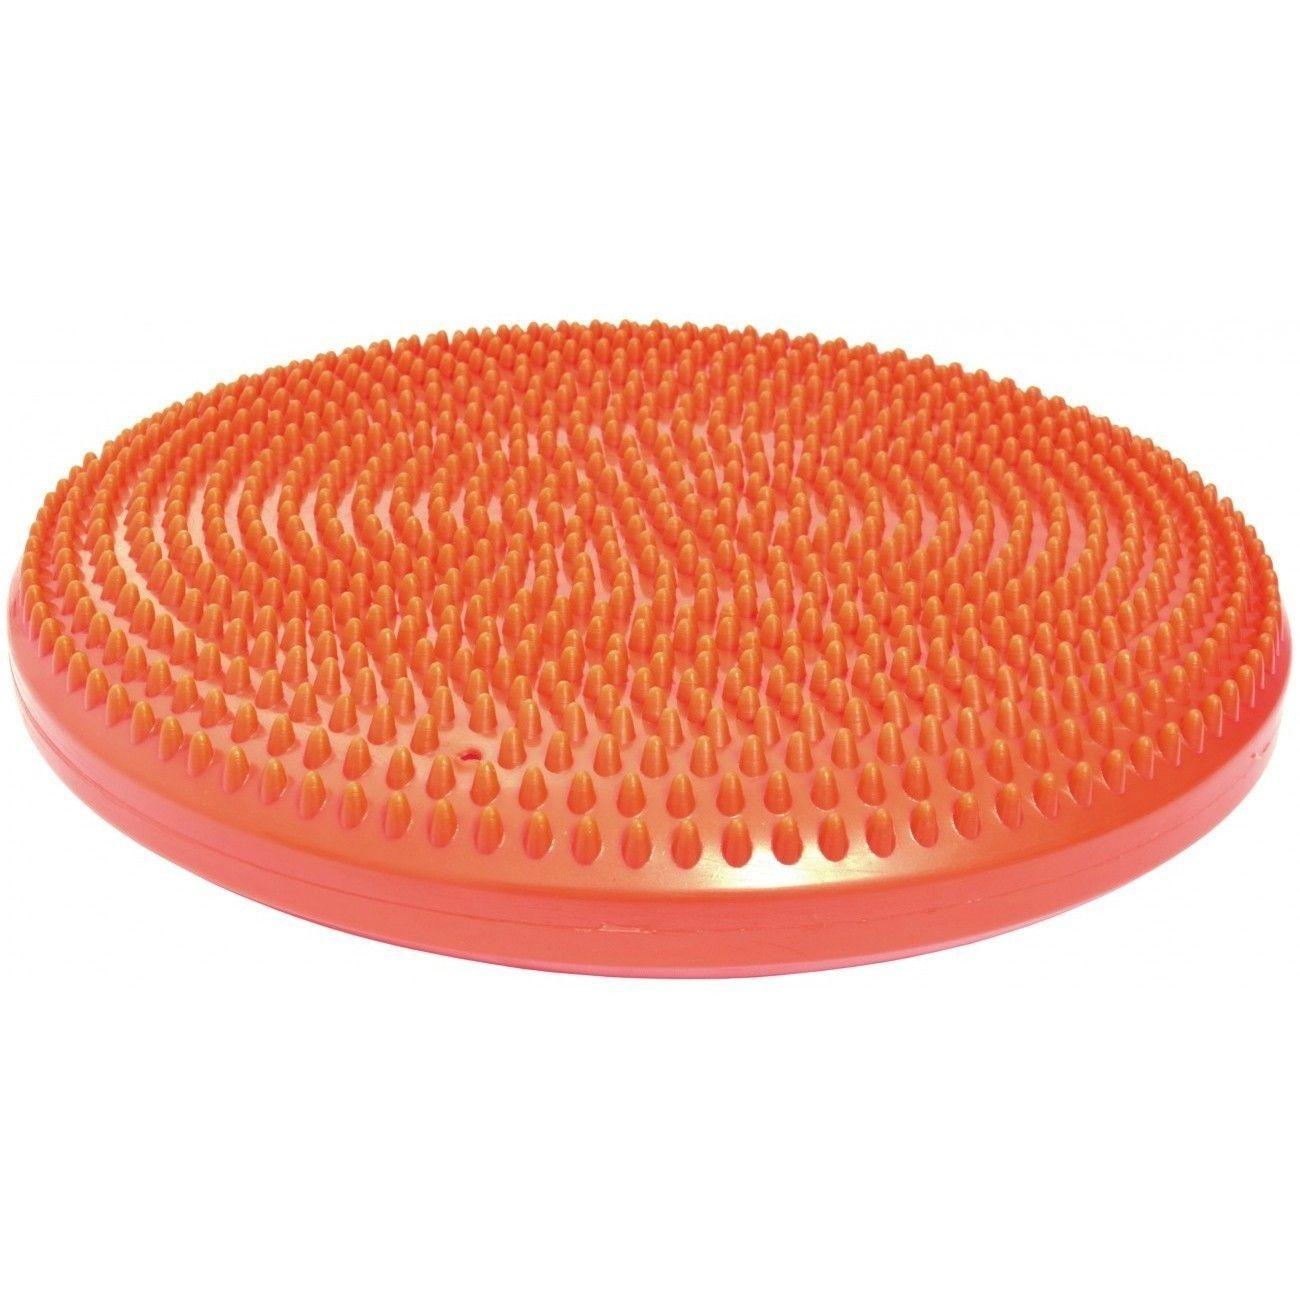 Disco De Equilíbrio Inflável Balance Cushion Disc - Liveup  - PRALUTA SHOP